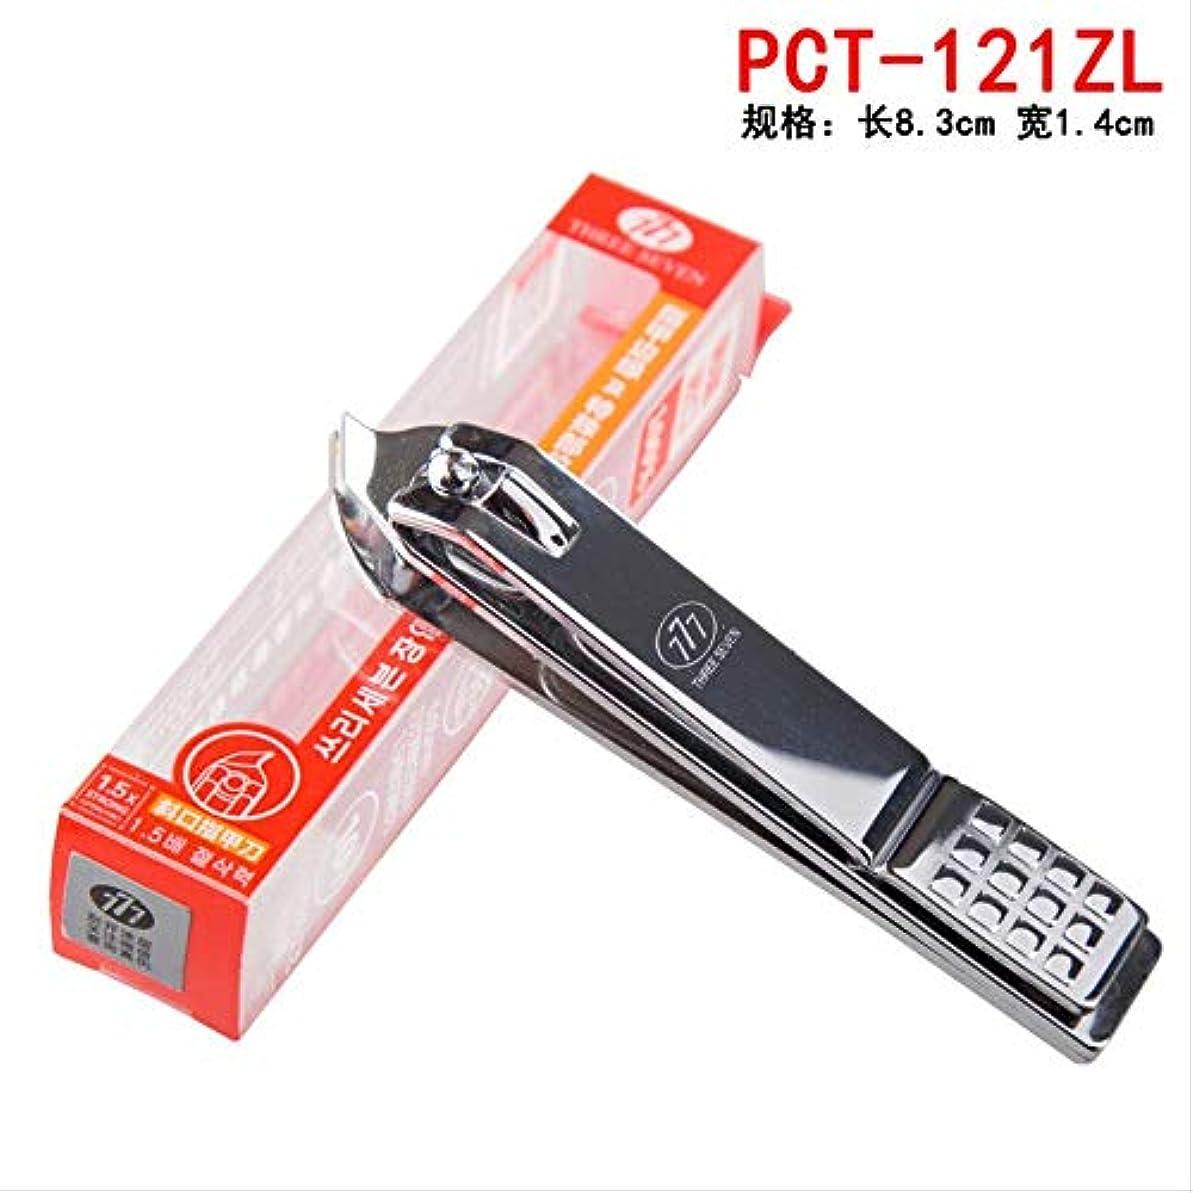 申し立てられた残忍な版韓国777爪切りはさみ元平口斜め爪切り小さな爪切り大本物 PCT-121ZLギフトボックス